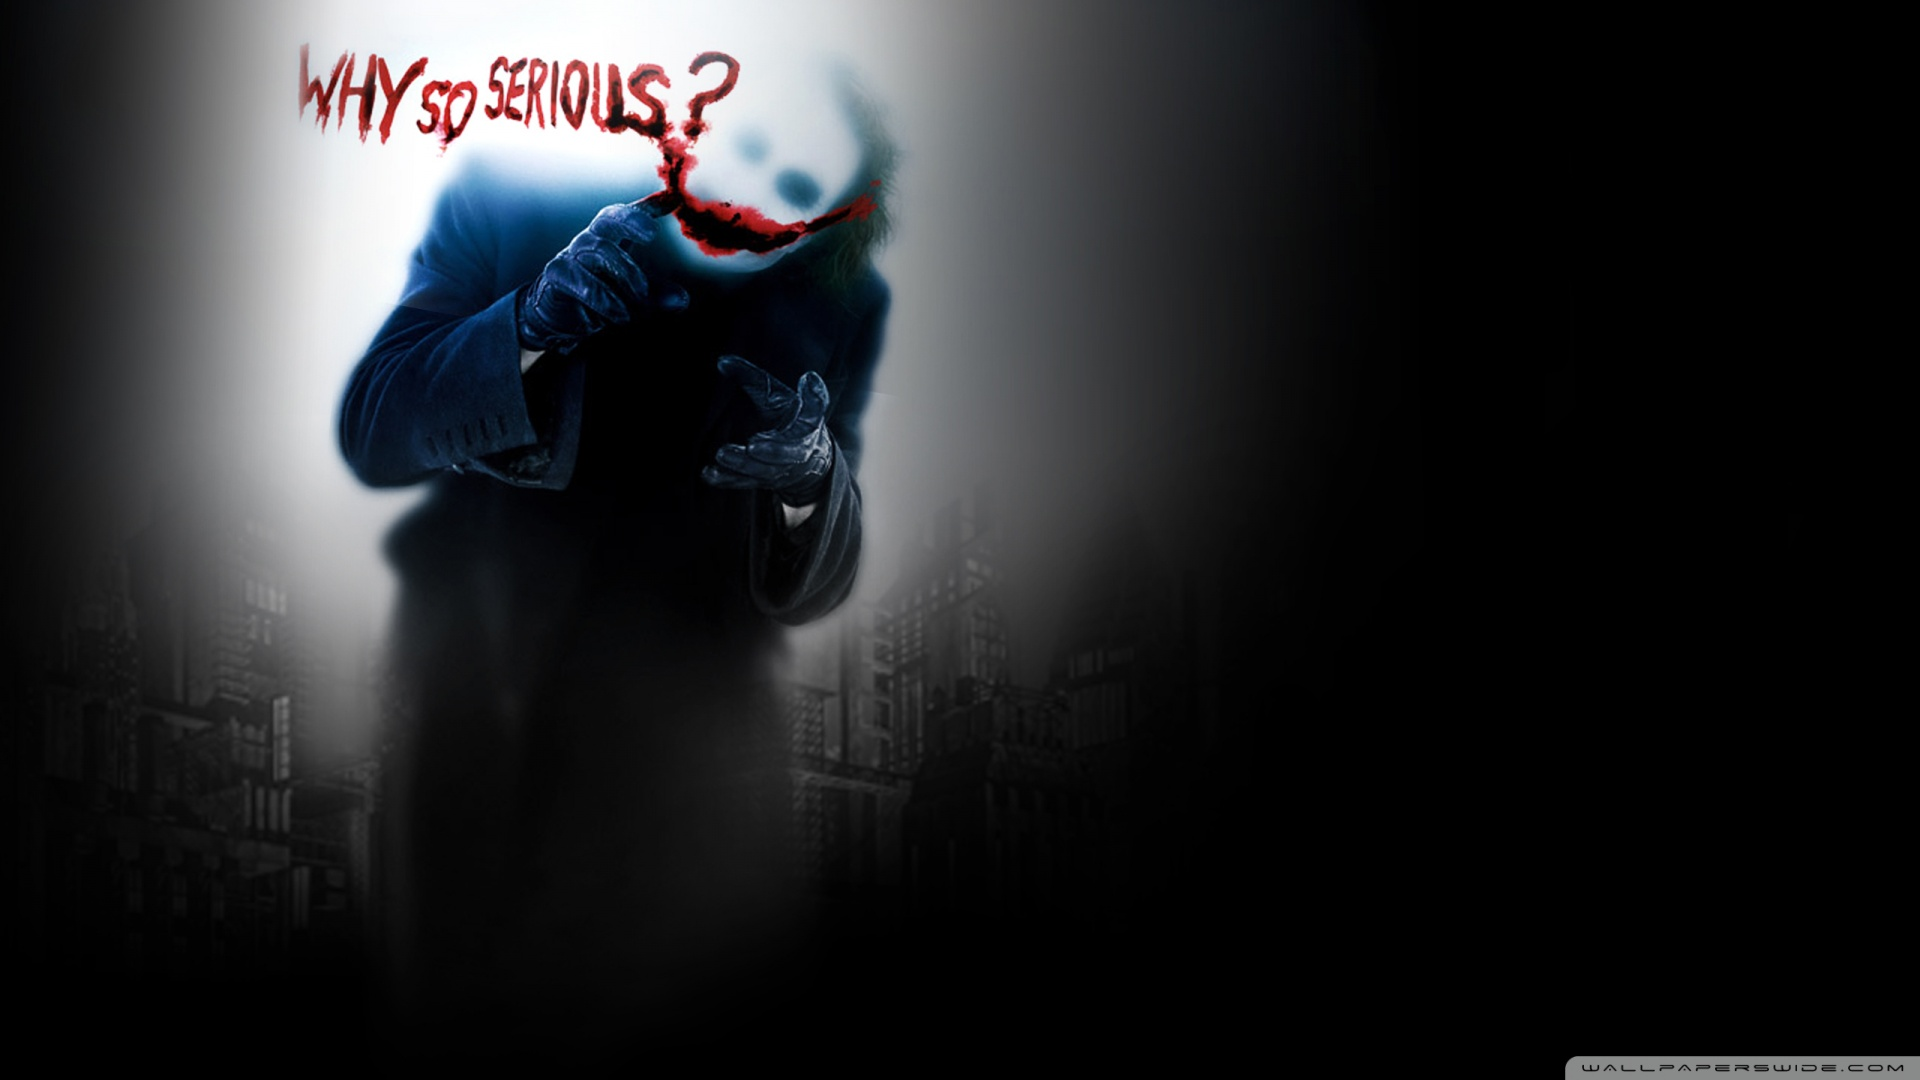 Joker Dark Knight Wallpaper Hd wallpaper   893148 1920x1080